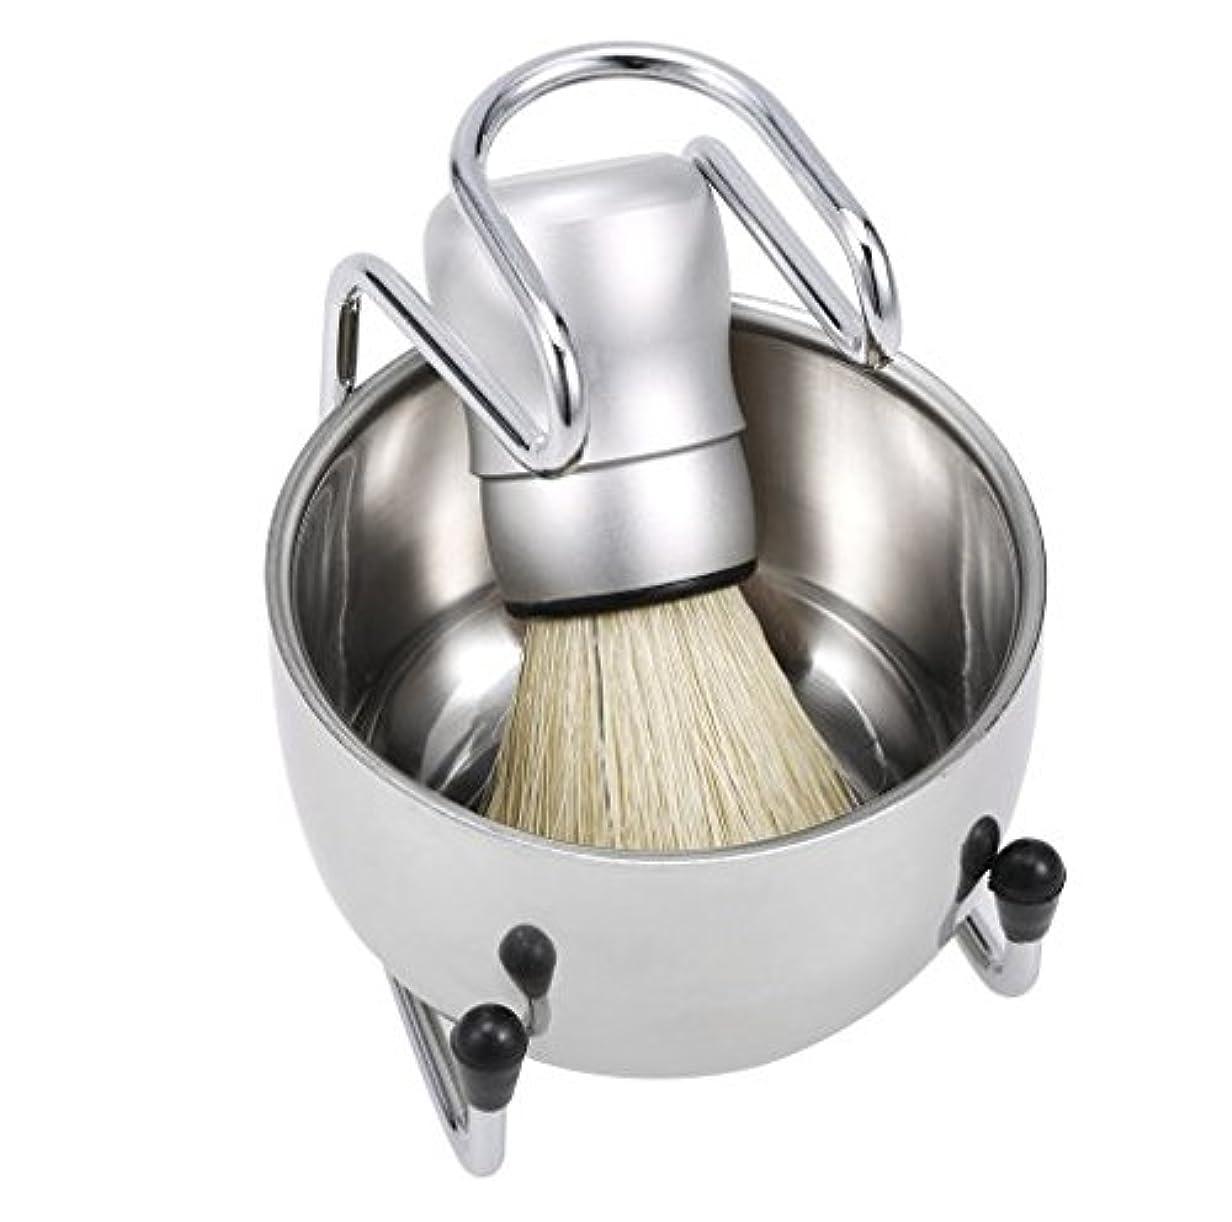 喪活性化準拠3 in 1 Men's Shaving Tools Set Well Polished Shaving Brush Soap Bowl Stand Holder Badger Hair Male Face Cleaning